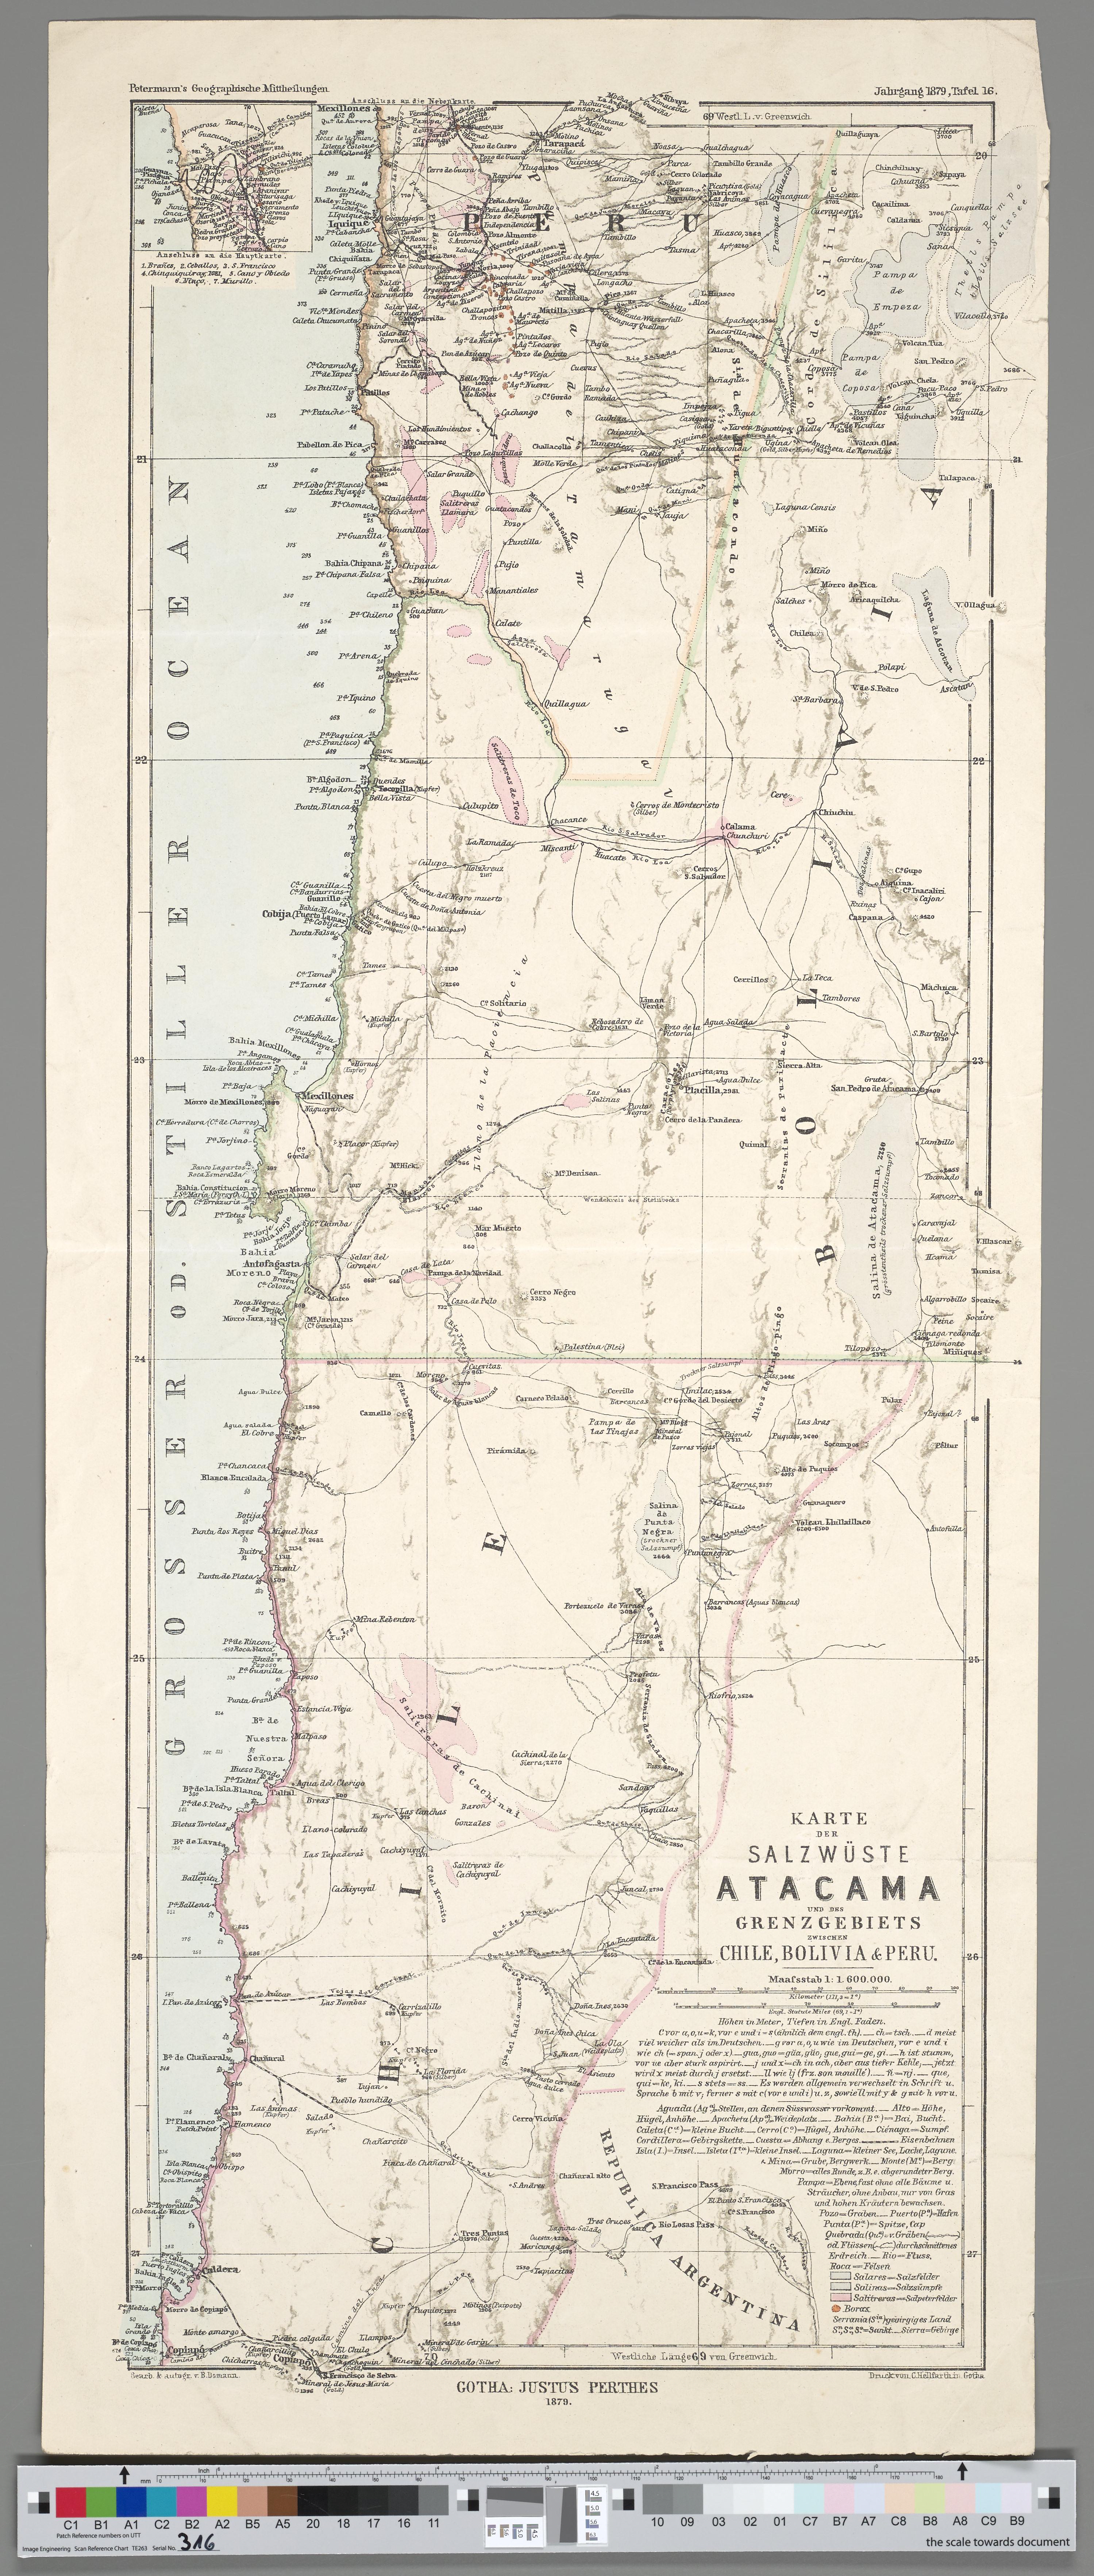 Peru Karte.File Karte Der Salzwüste Atacama Und Des Grenzgebiets Zwischen Chile